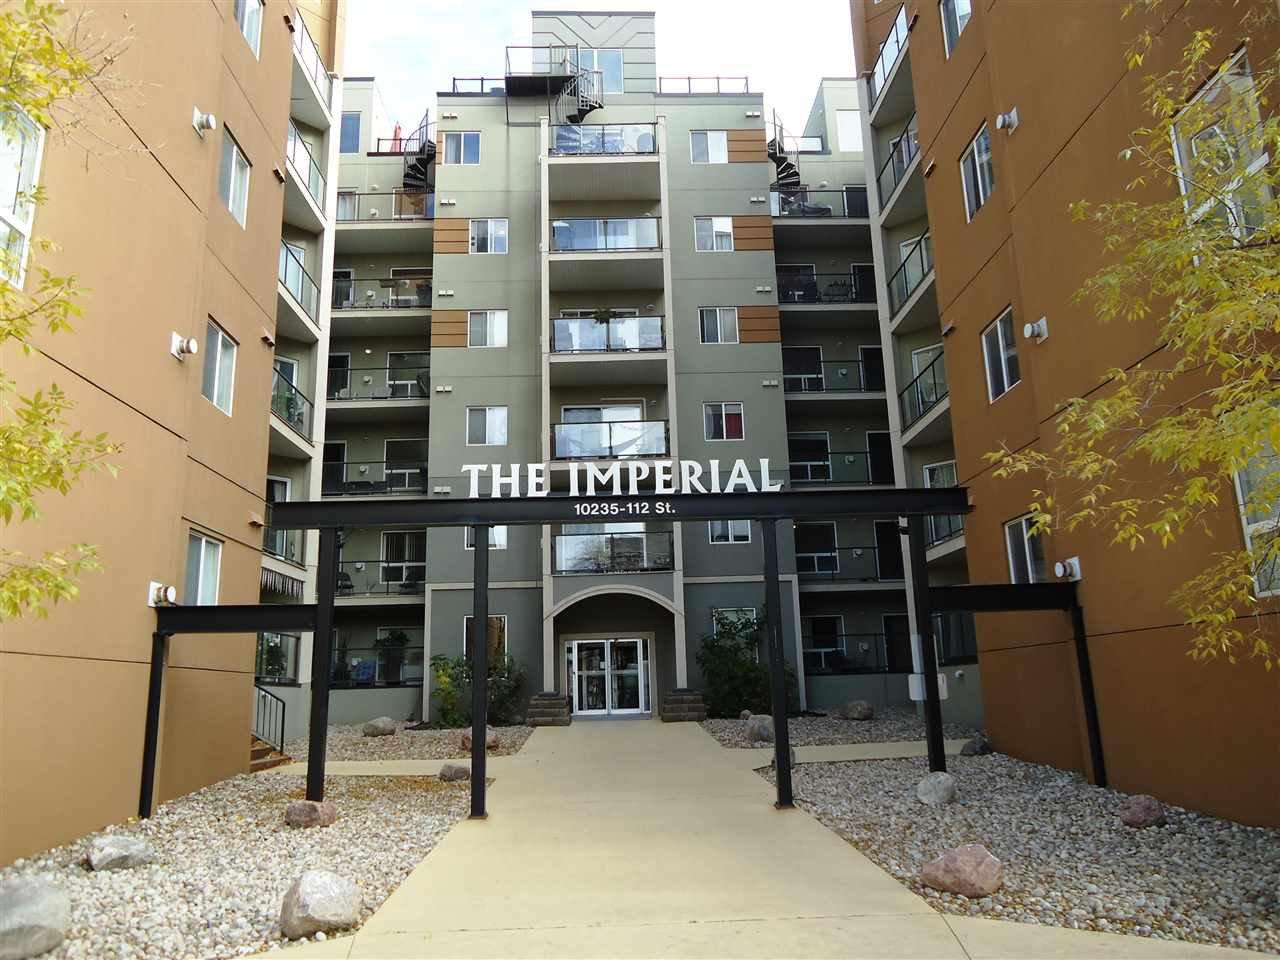 Main Photo: 314 10235 112 Street in Edmonton: Zone 12 Condo for sale : MLS®# E4217594